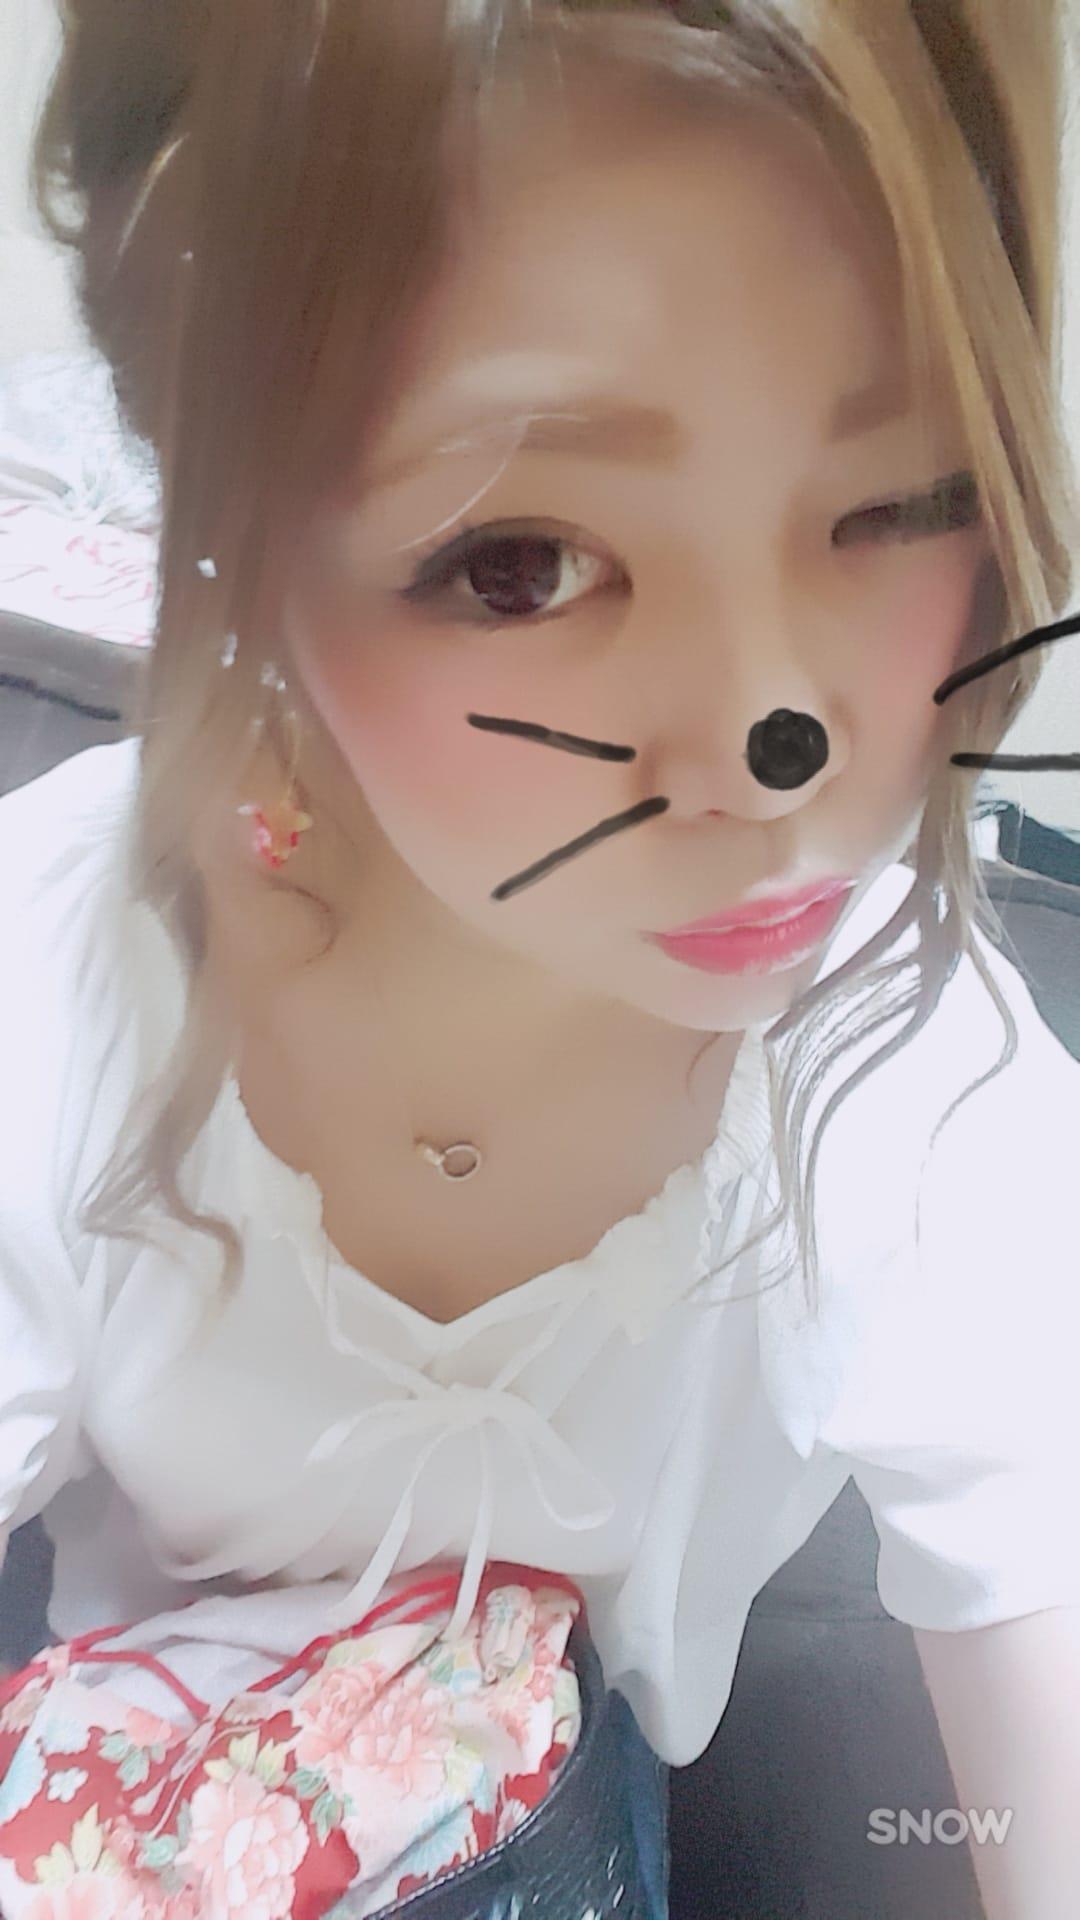 モモナ「おはよー!」10/23(月) 18:03 | モモナの写メ・風俗動画